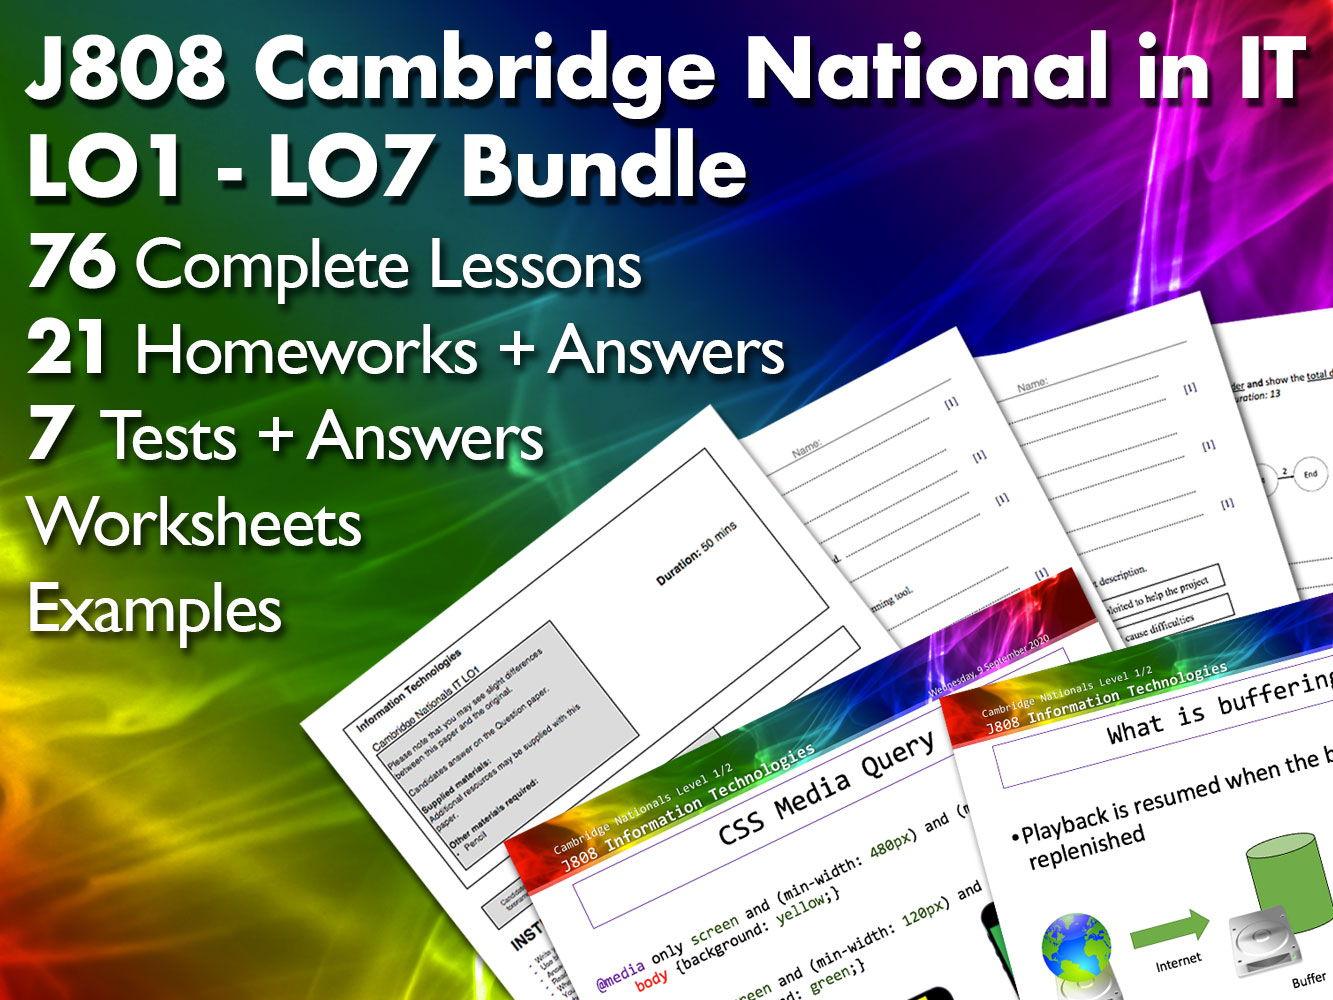 J808 Cambridge National SoW LO1 - LO7 Bundle